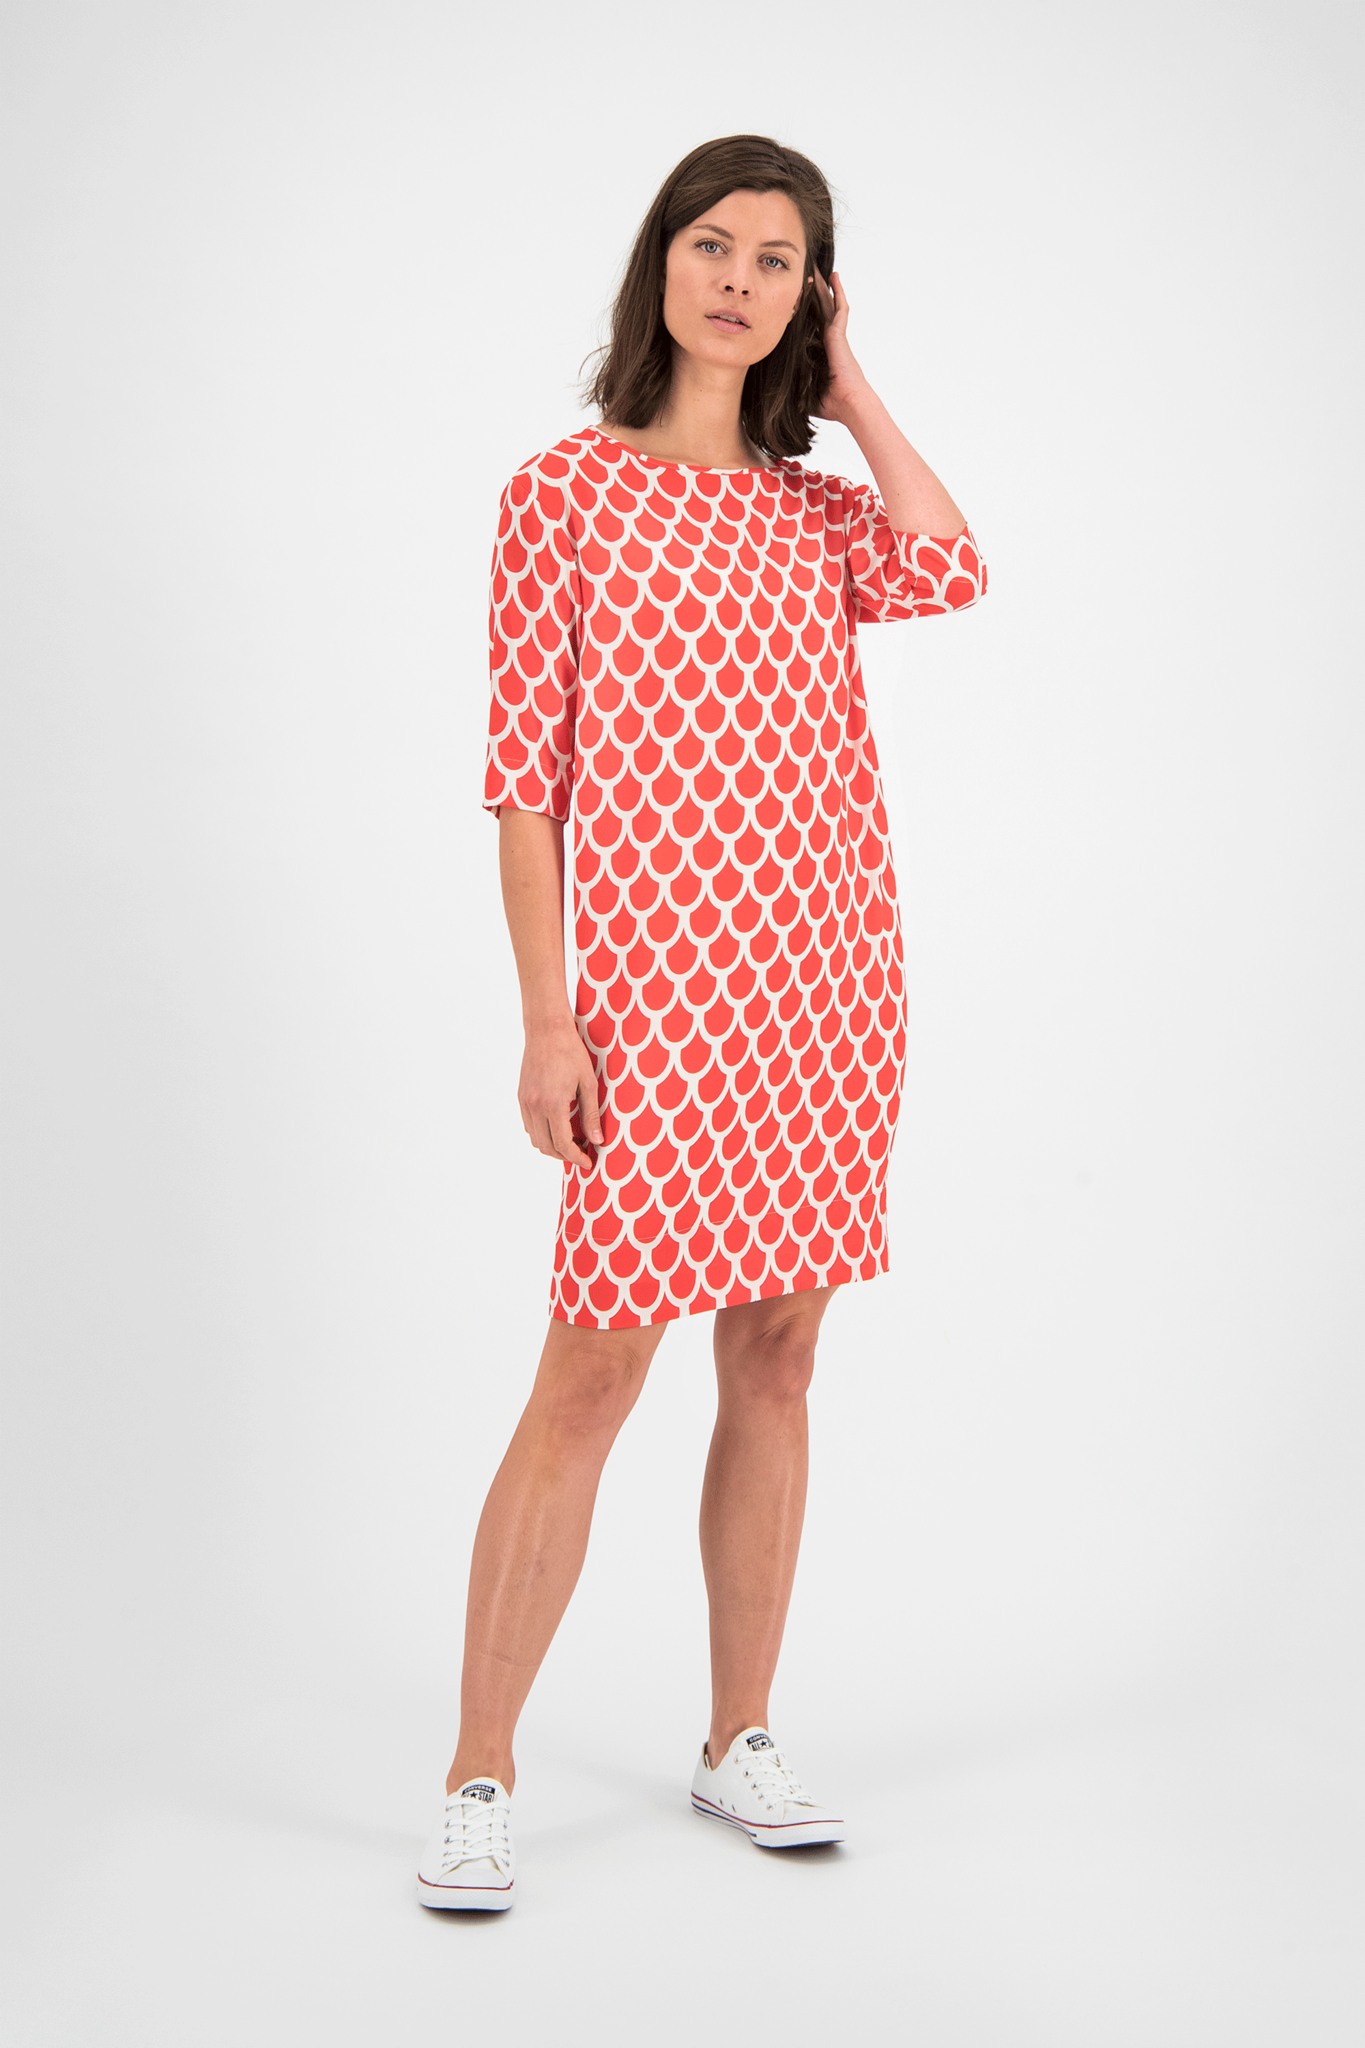 SYLVER Arches Dress - Coral